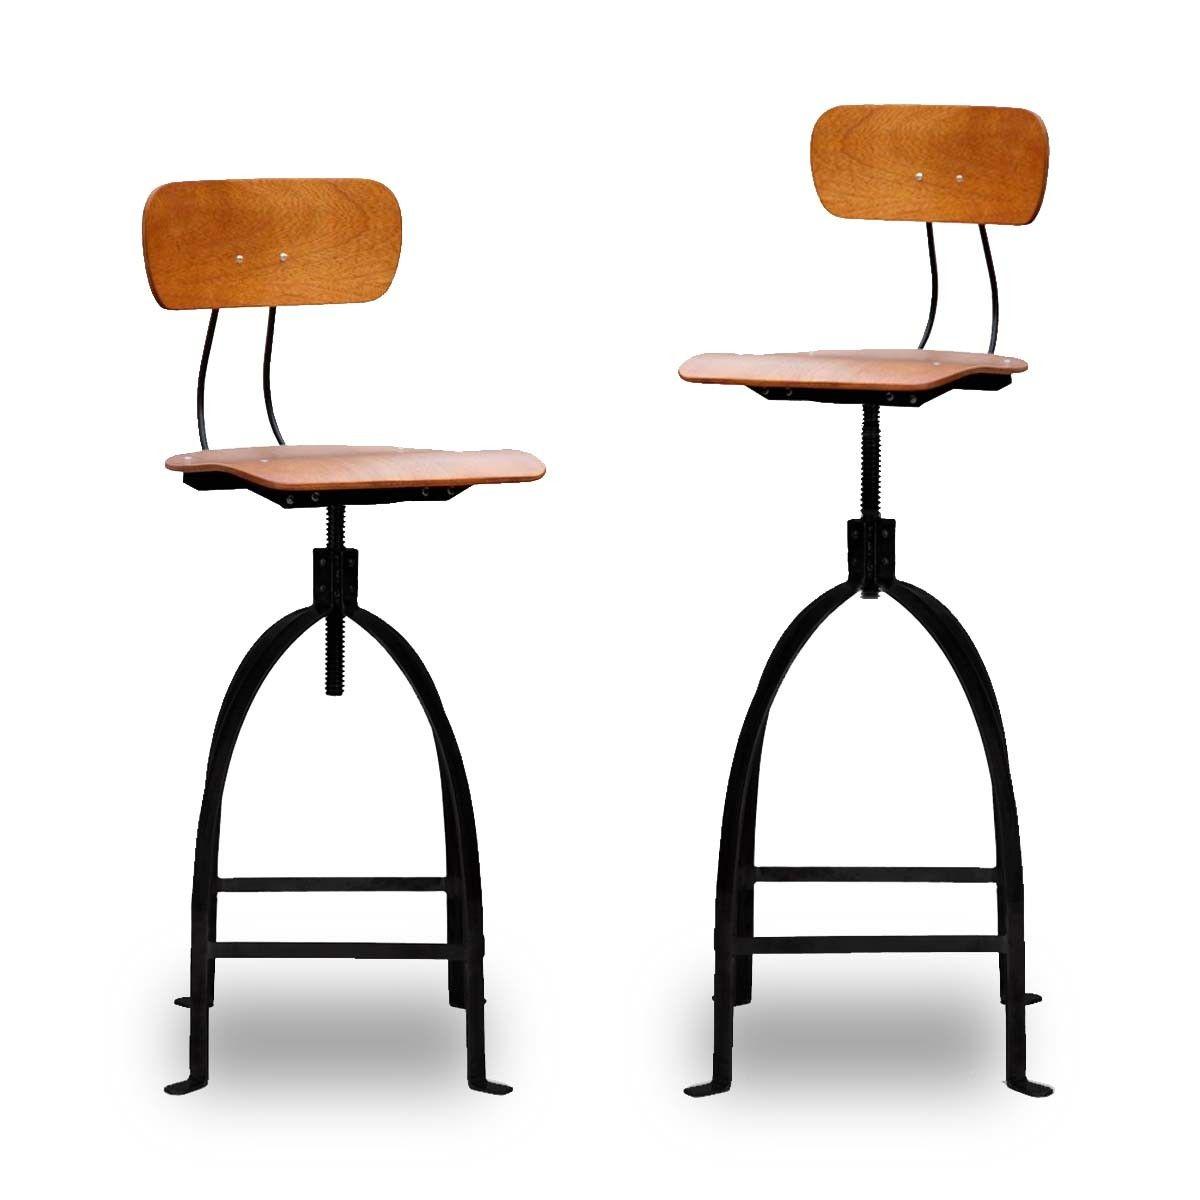 tabouret de bar industriel à vis jb pennel | drawers, style and bar - Chaise De Bar Industriel